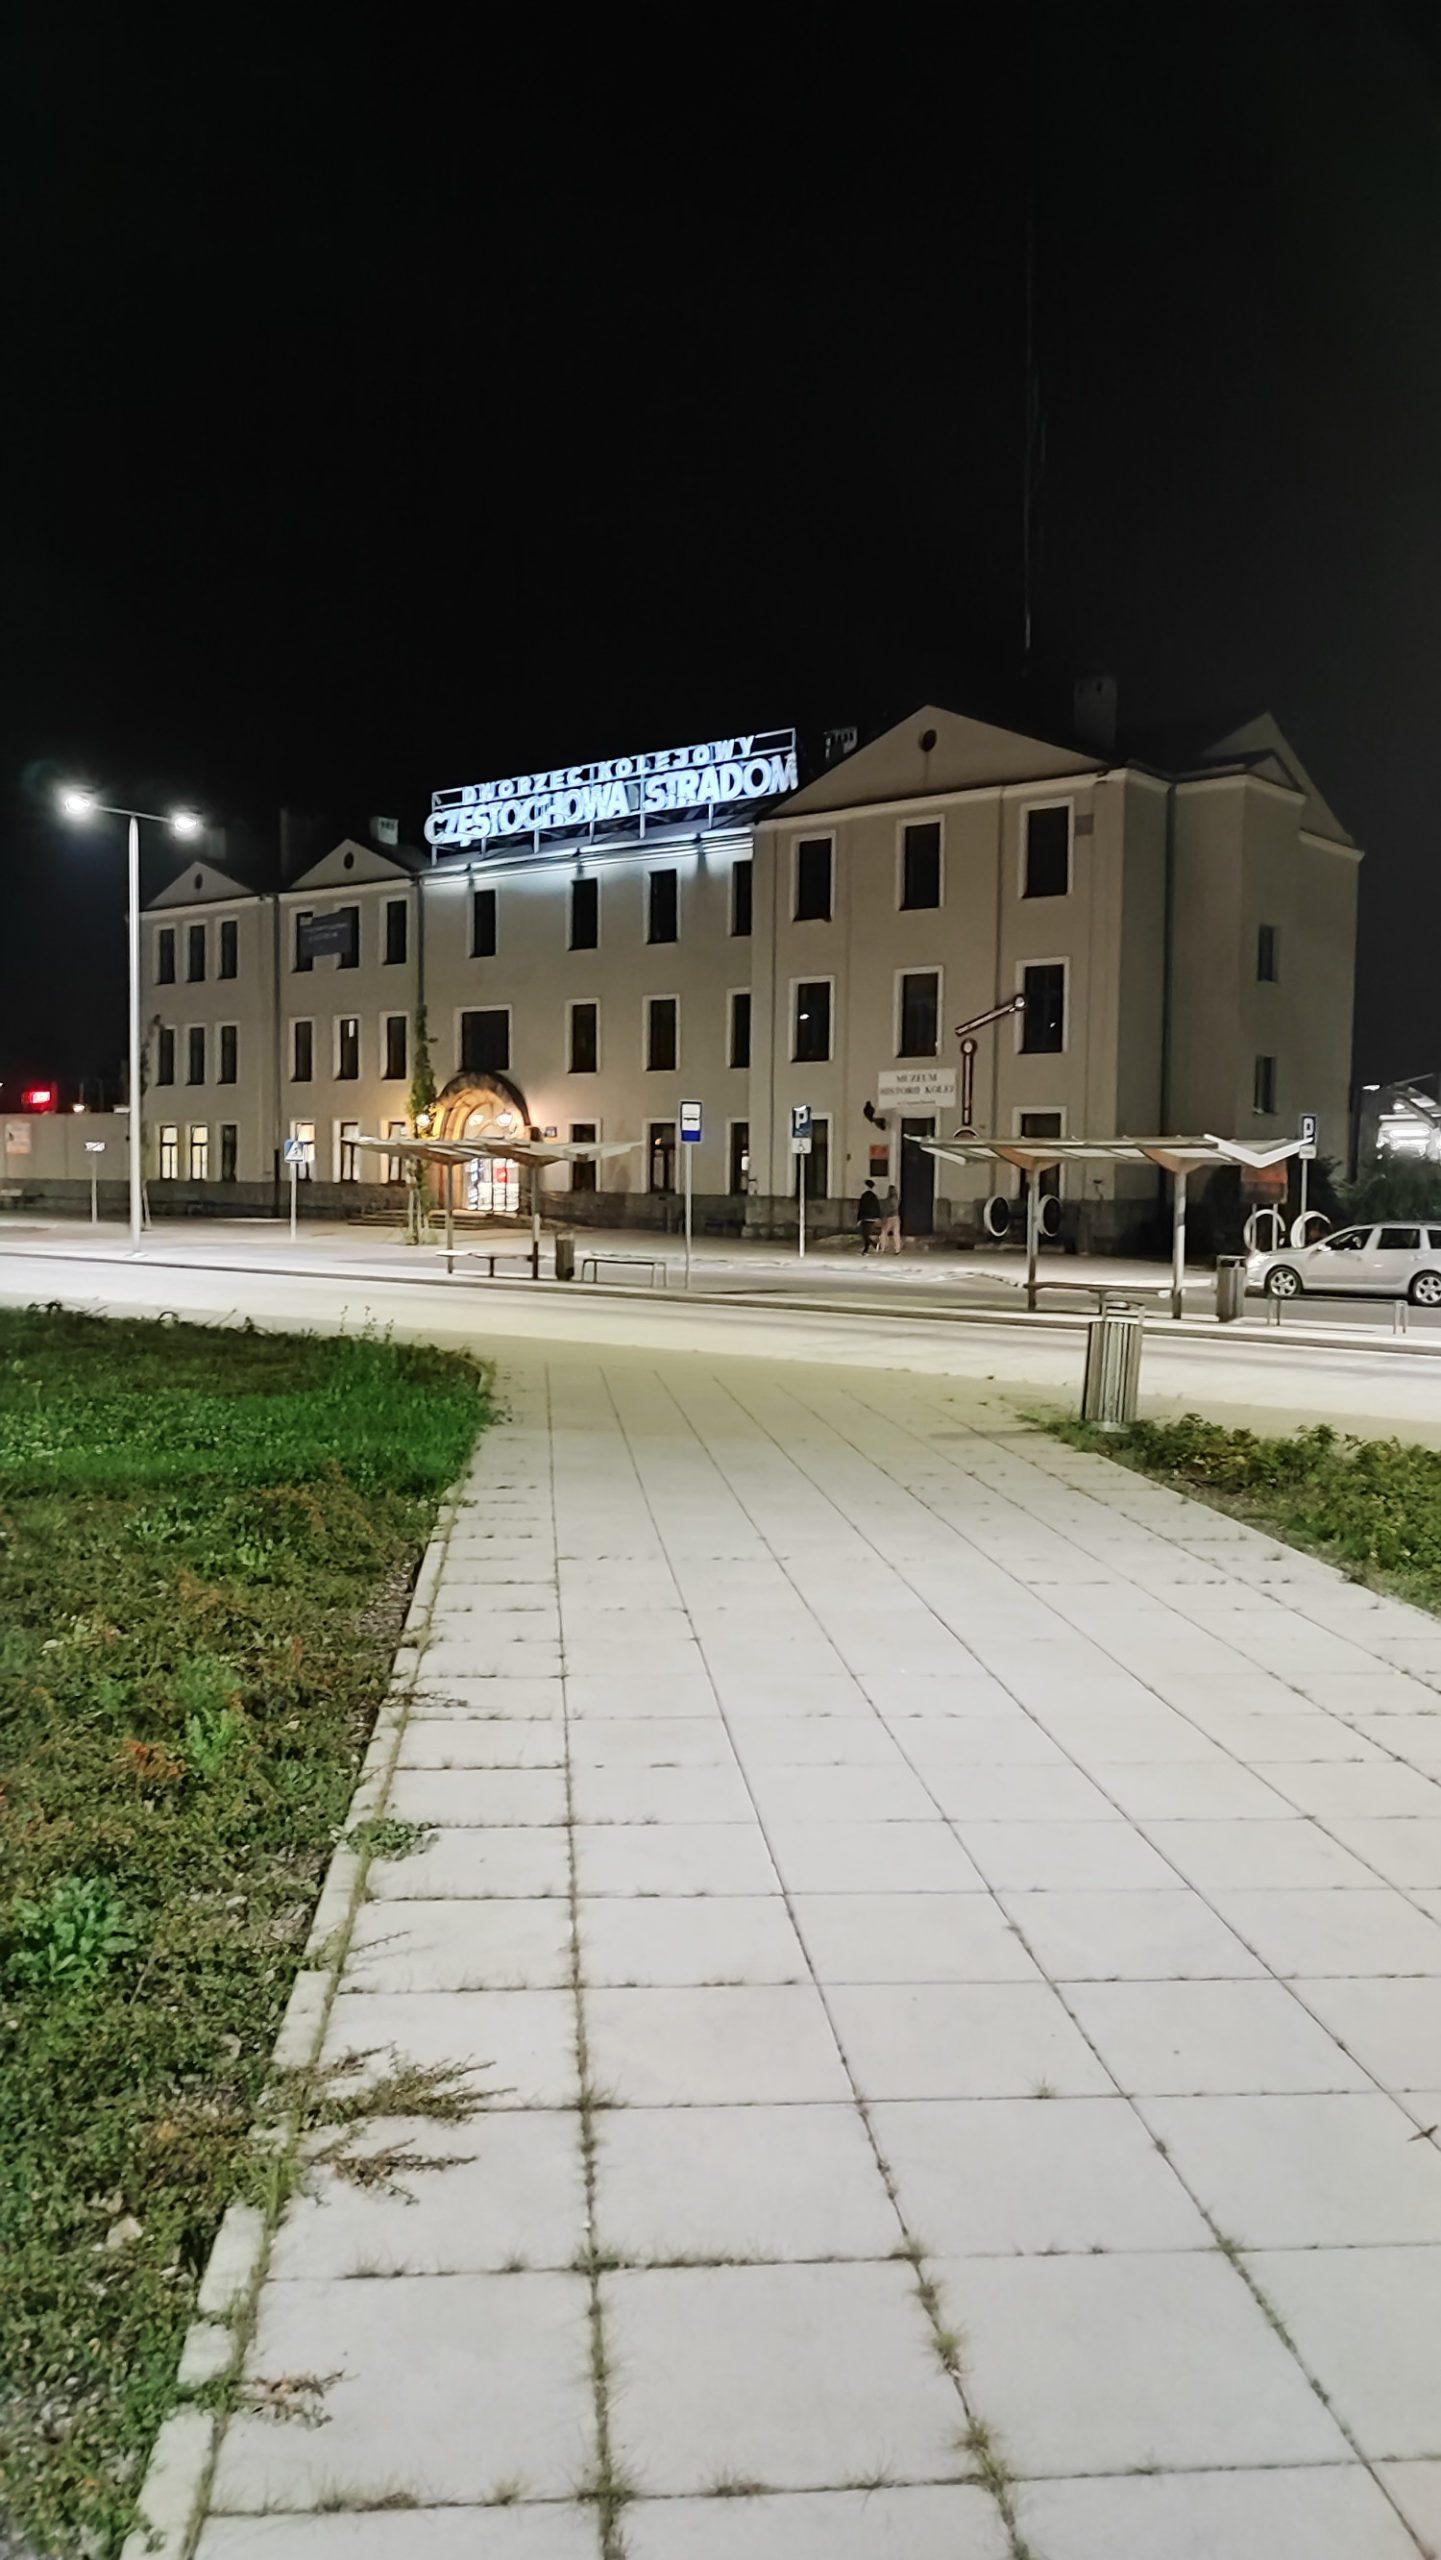 xiaomi 11t pro zdjęcie nocne dworca